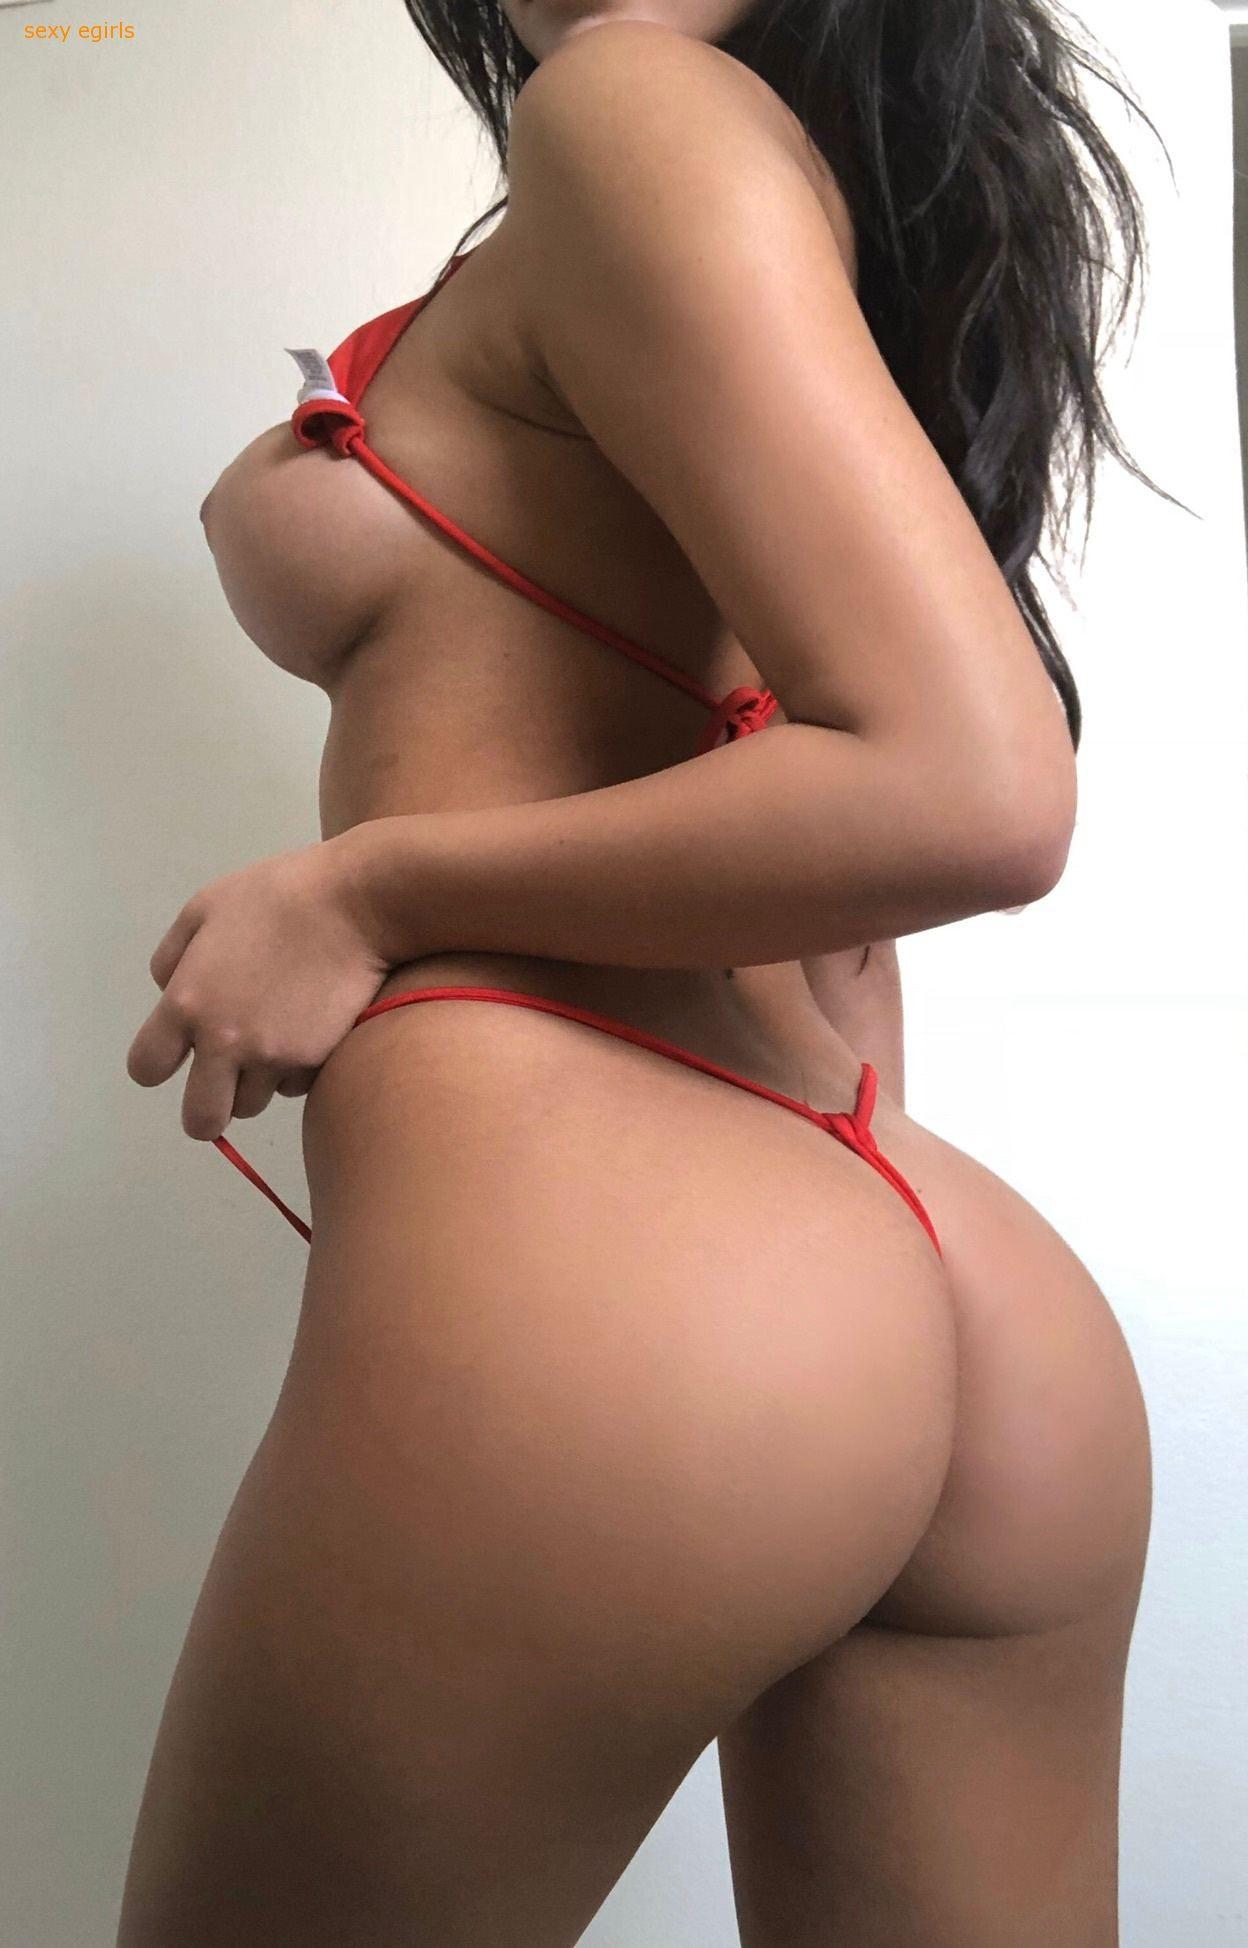 Amanda Trivizas dupose.com 13243abe81ce1d213a61fcefa1ad6252